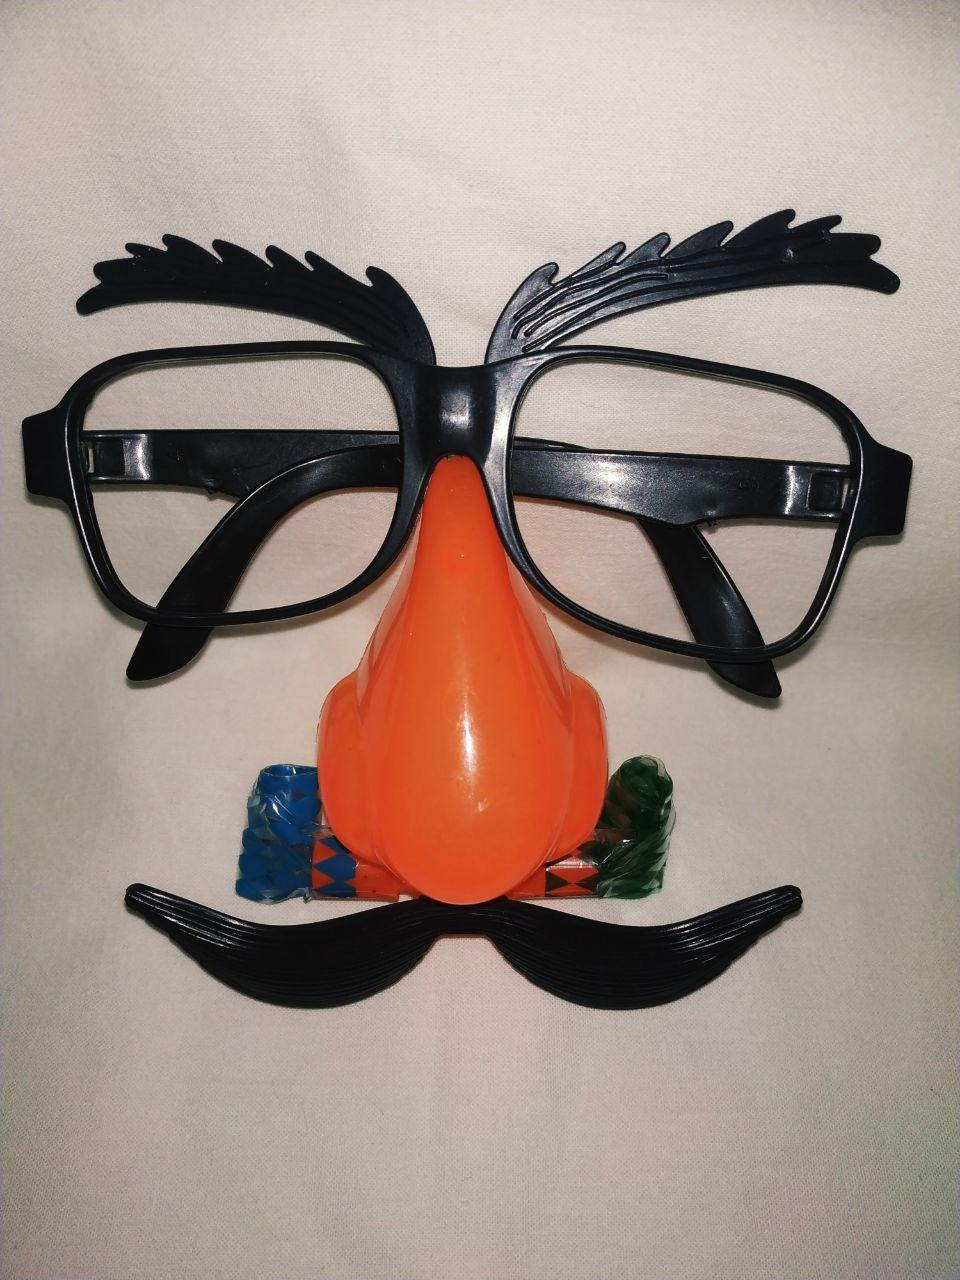 Очки карнавальные с носом, усами и гудками